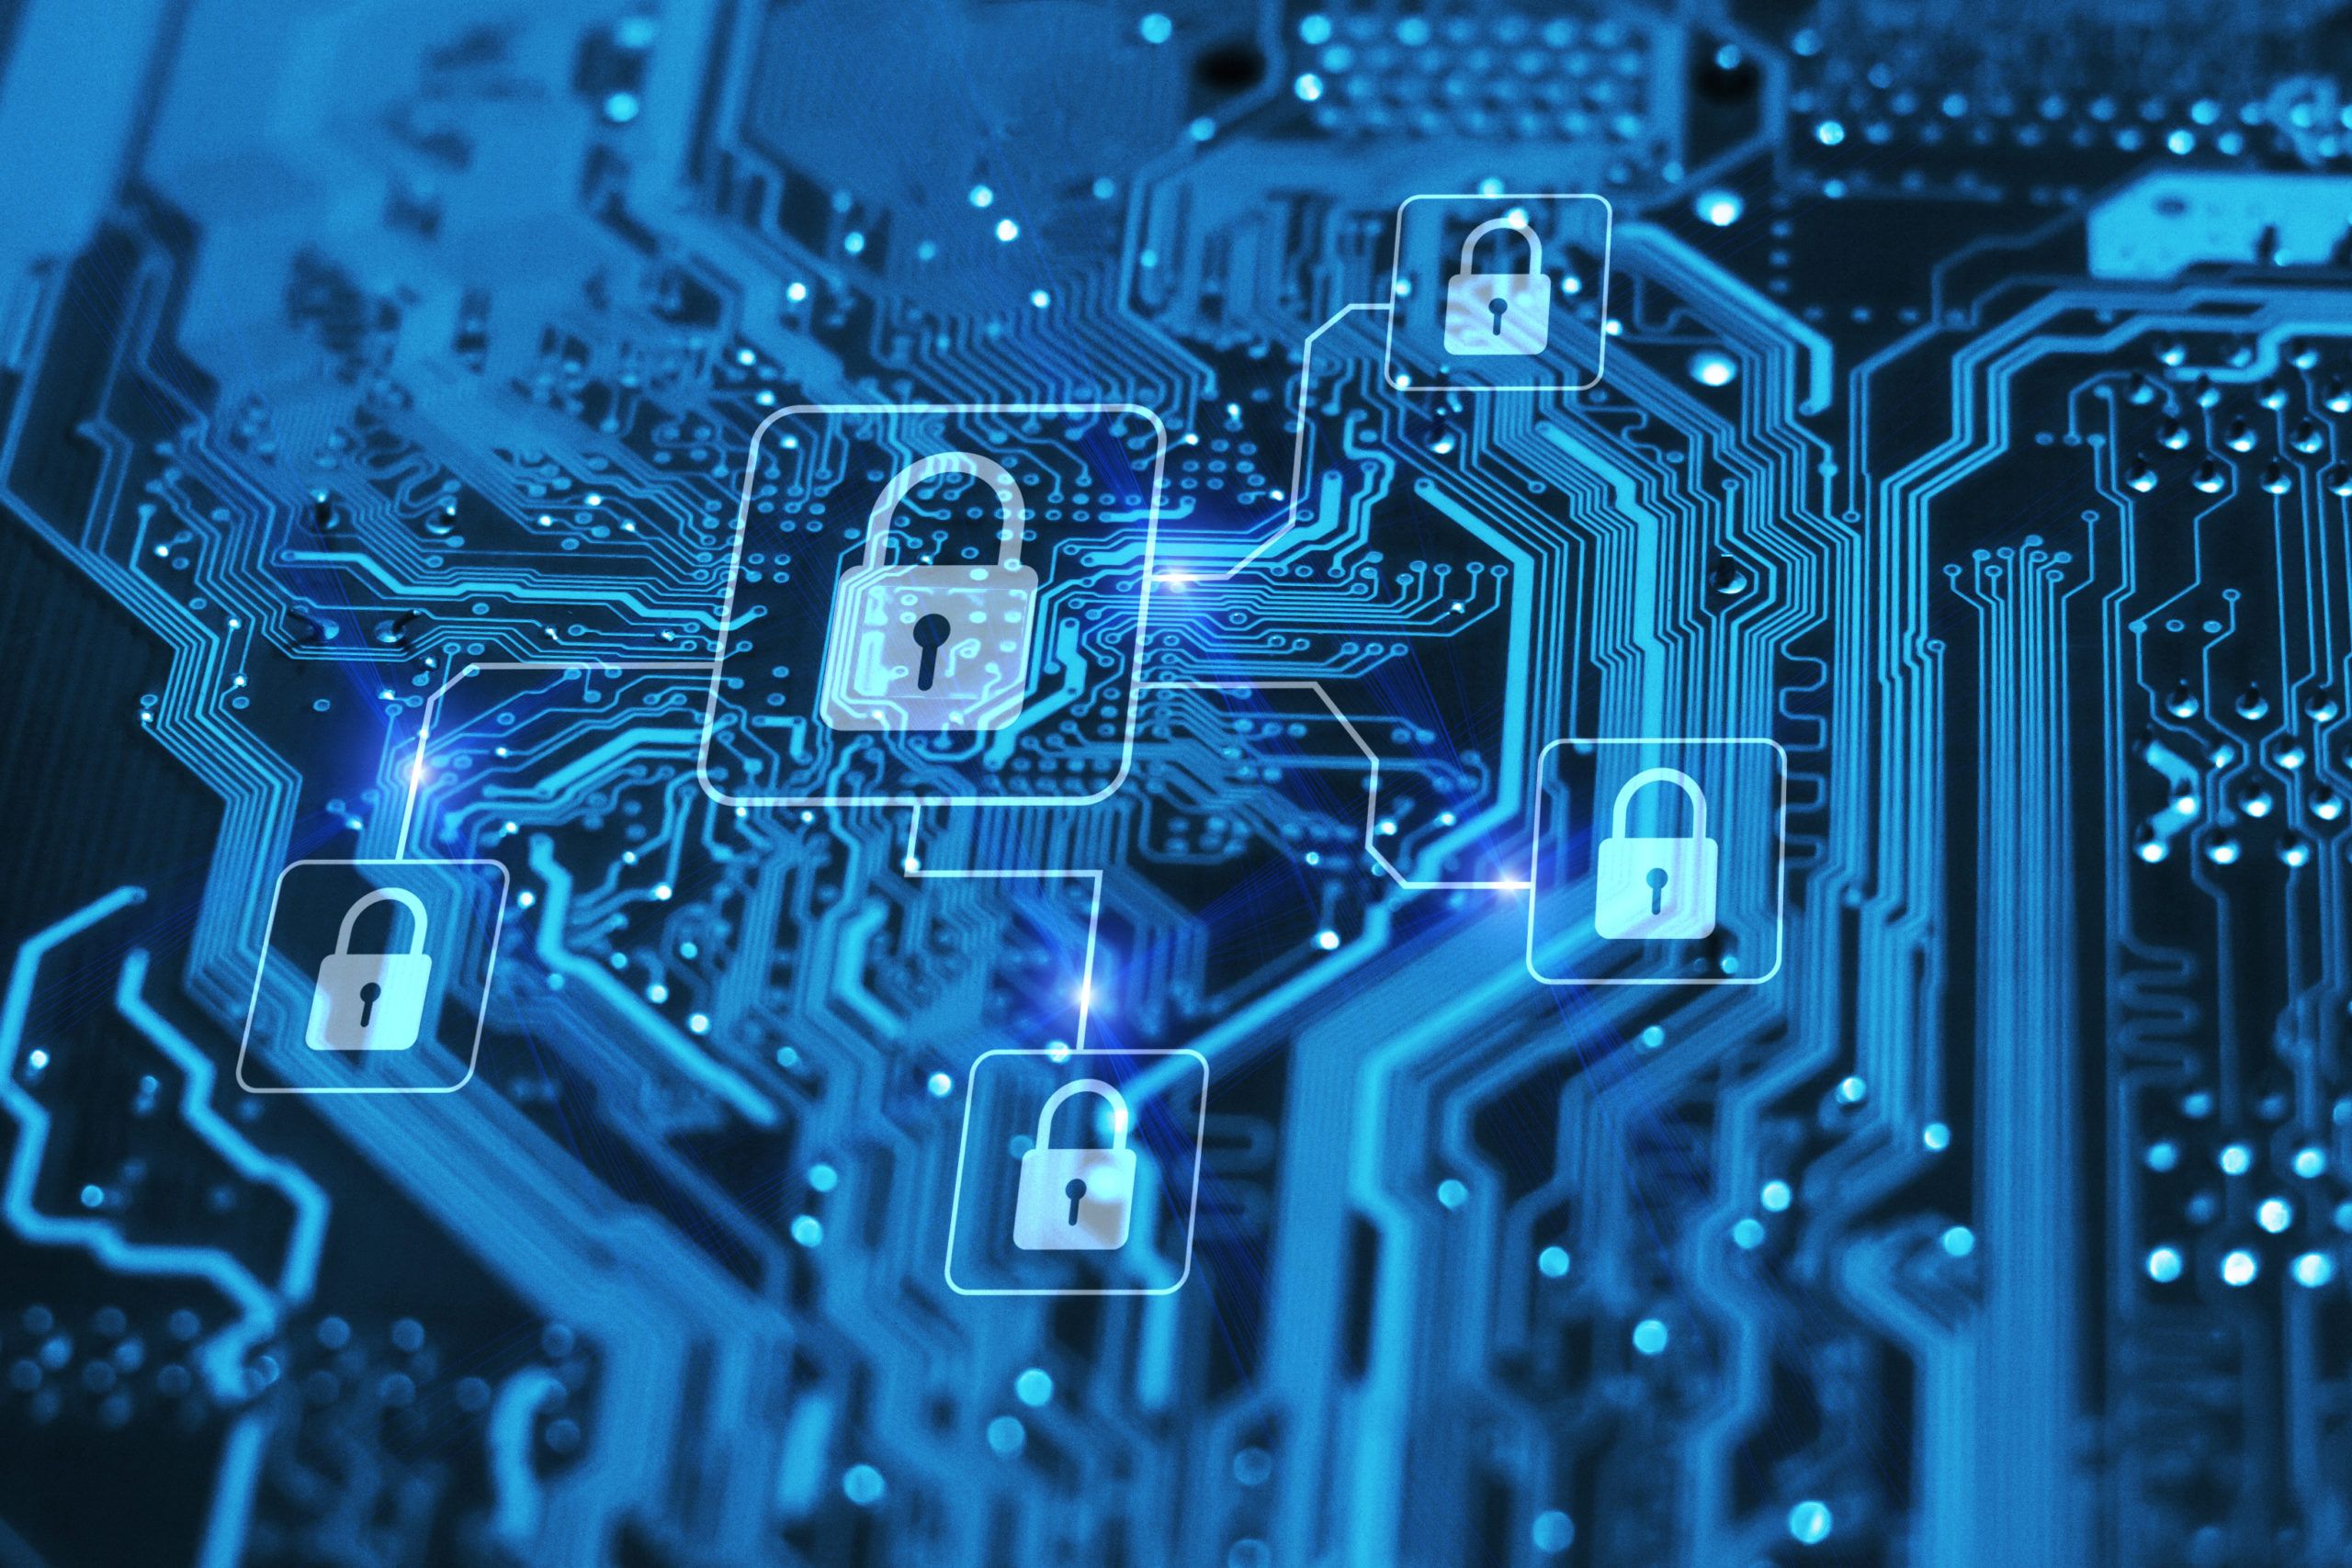 Assurer la sécurité globale des systèmes et des réseaux numériques